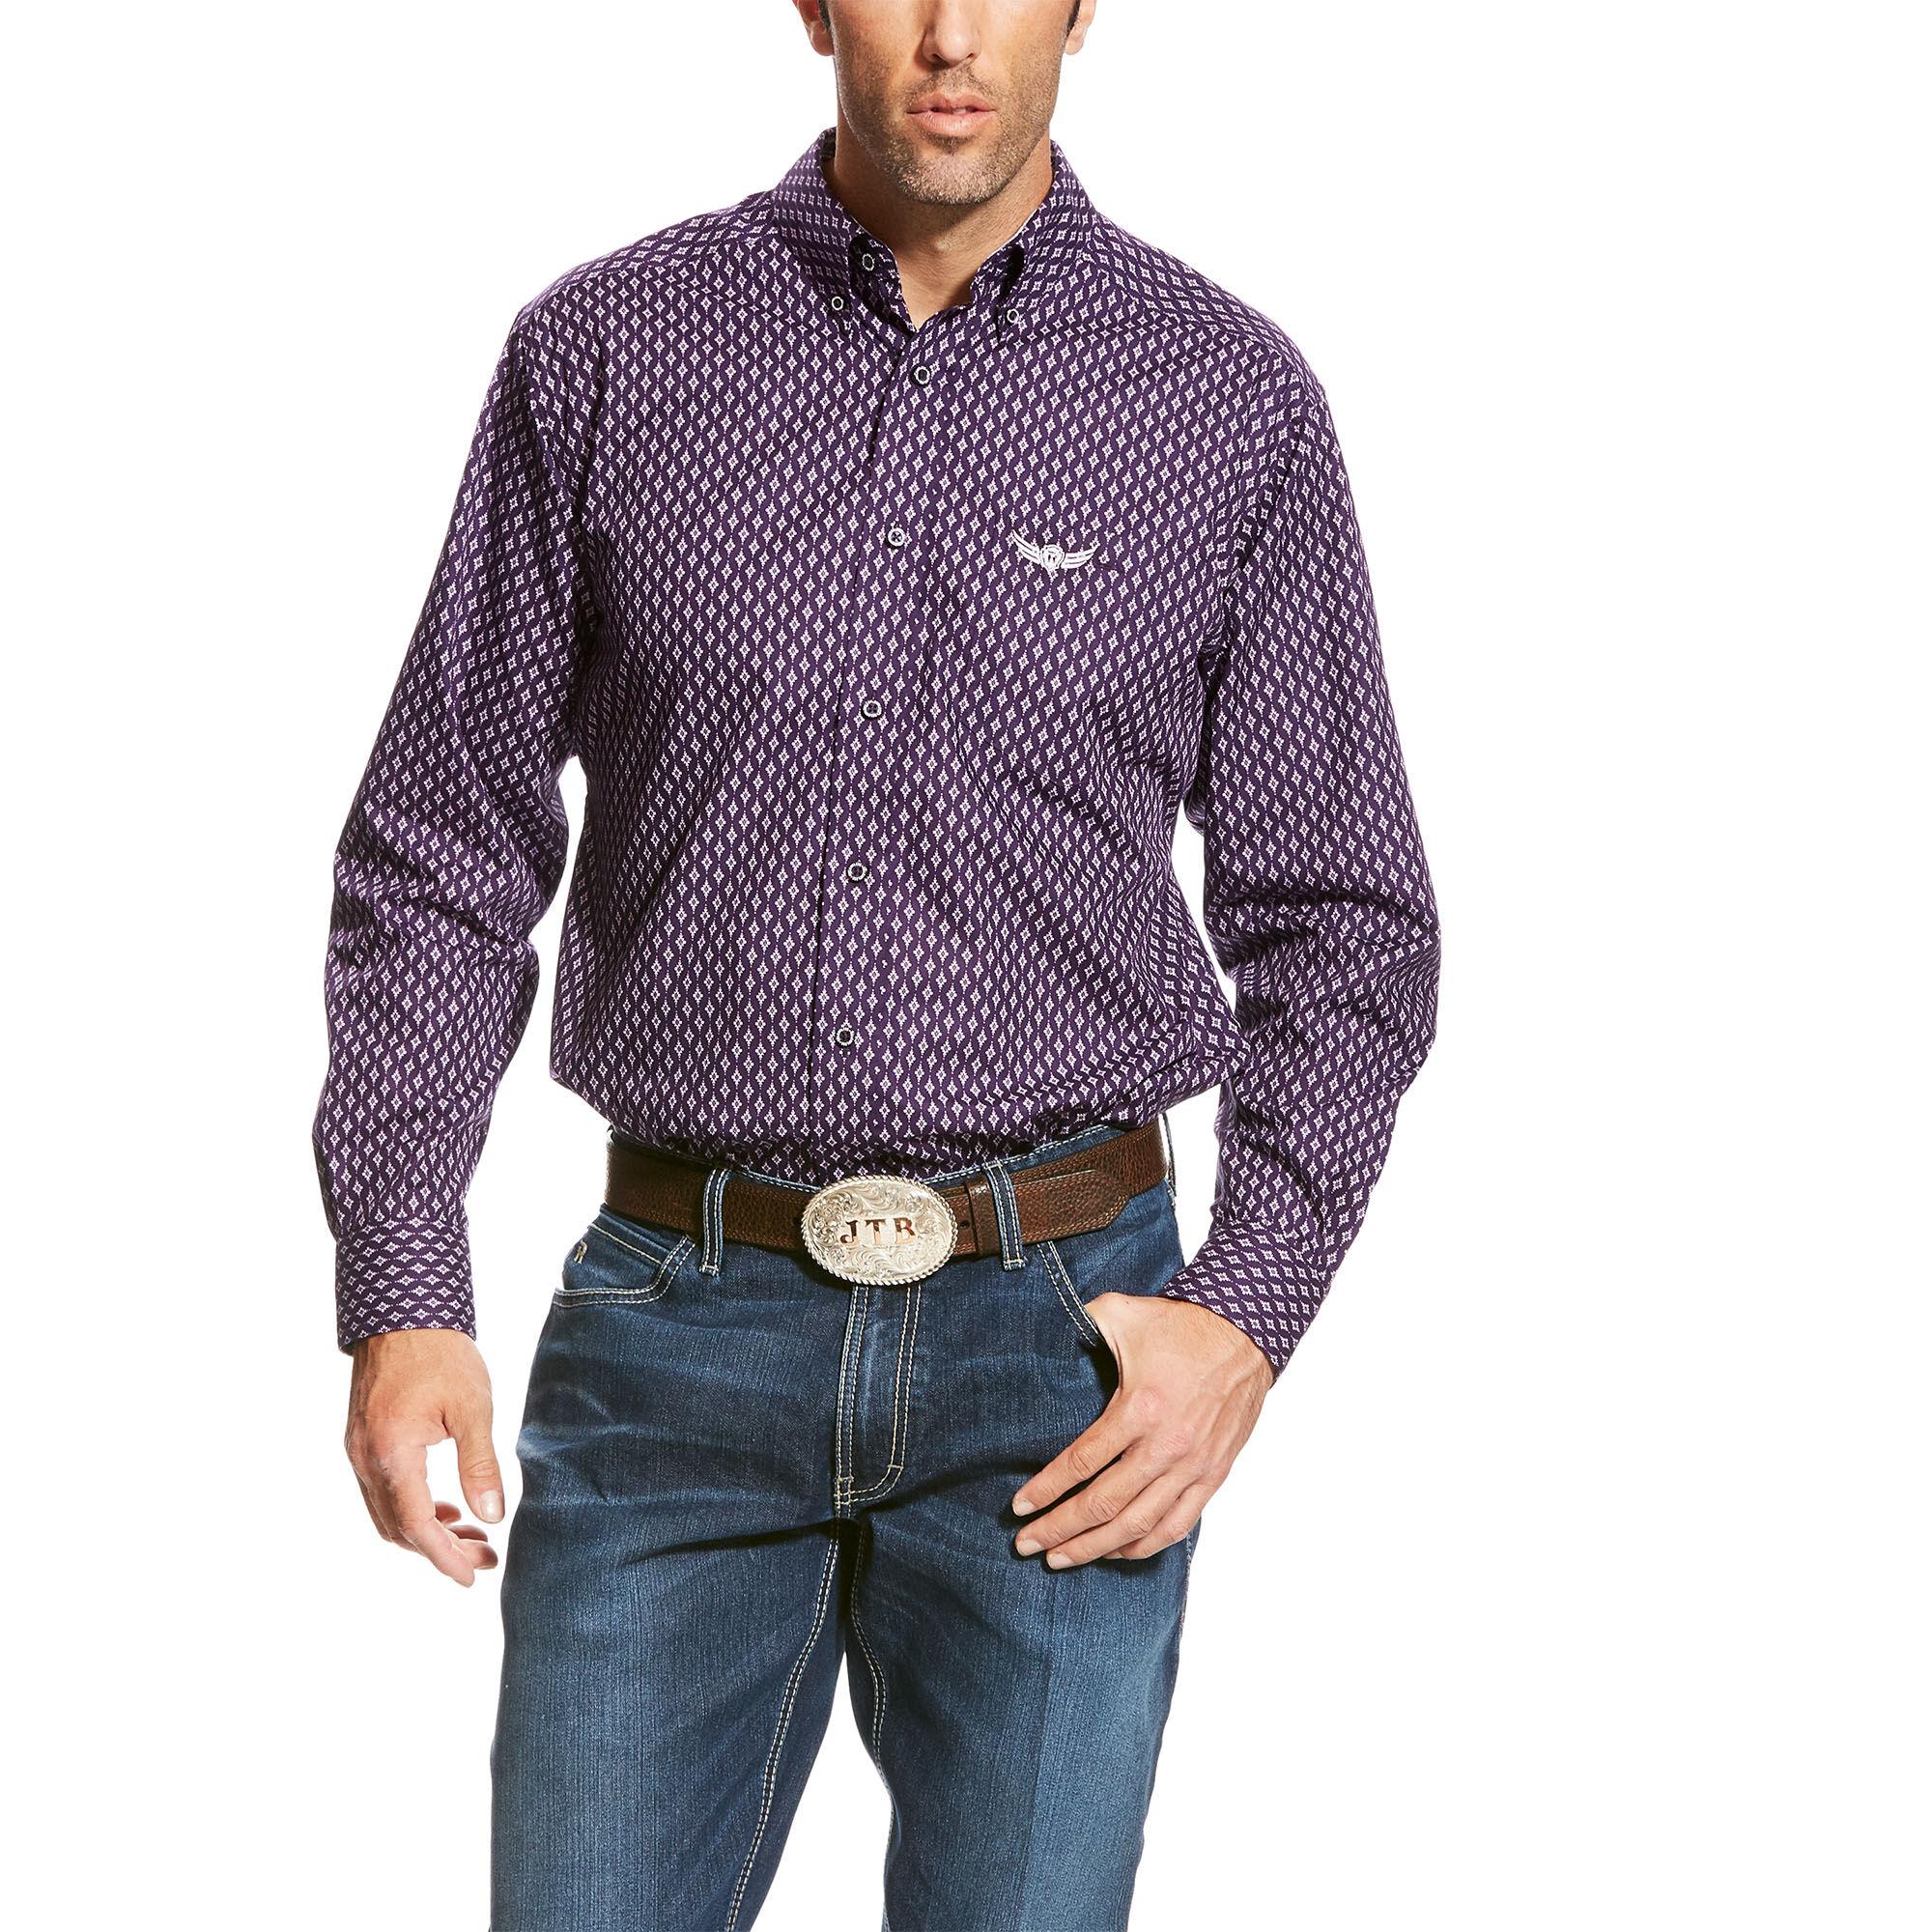 Relentless Strength Shirt